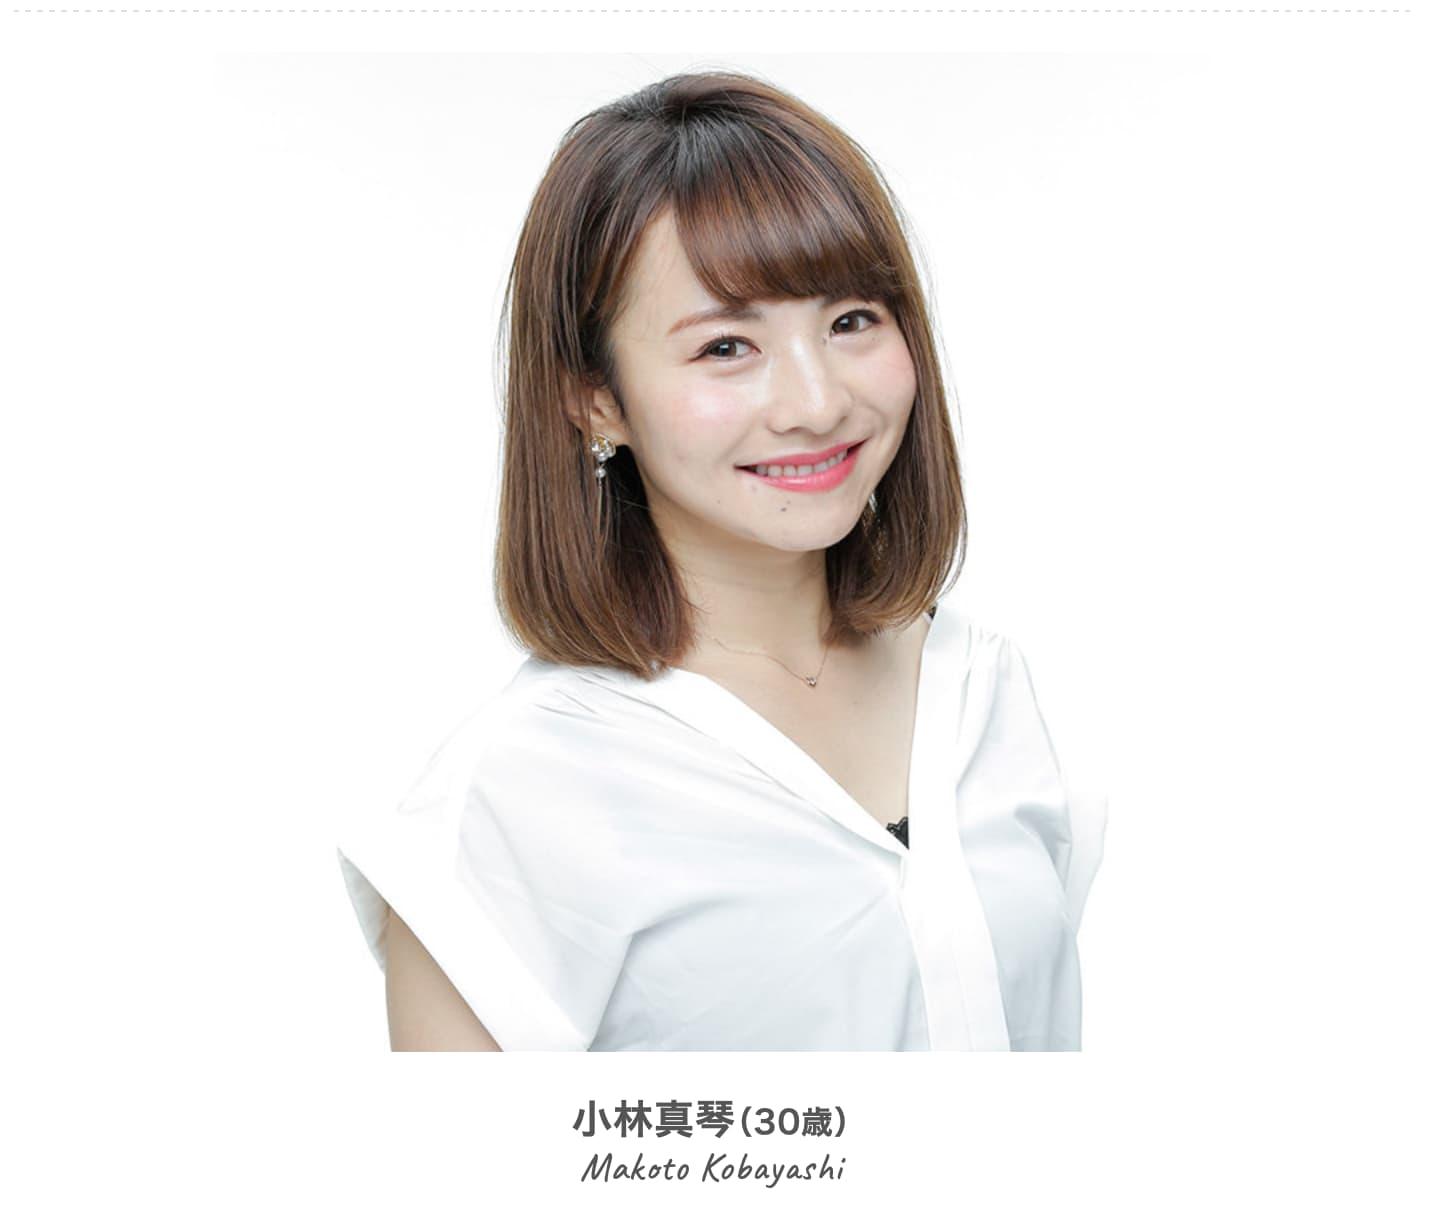 小林真琴のプロフィール画像